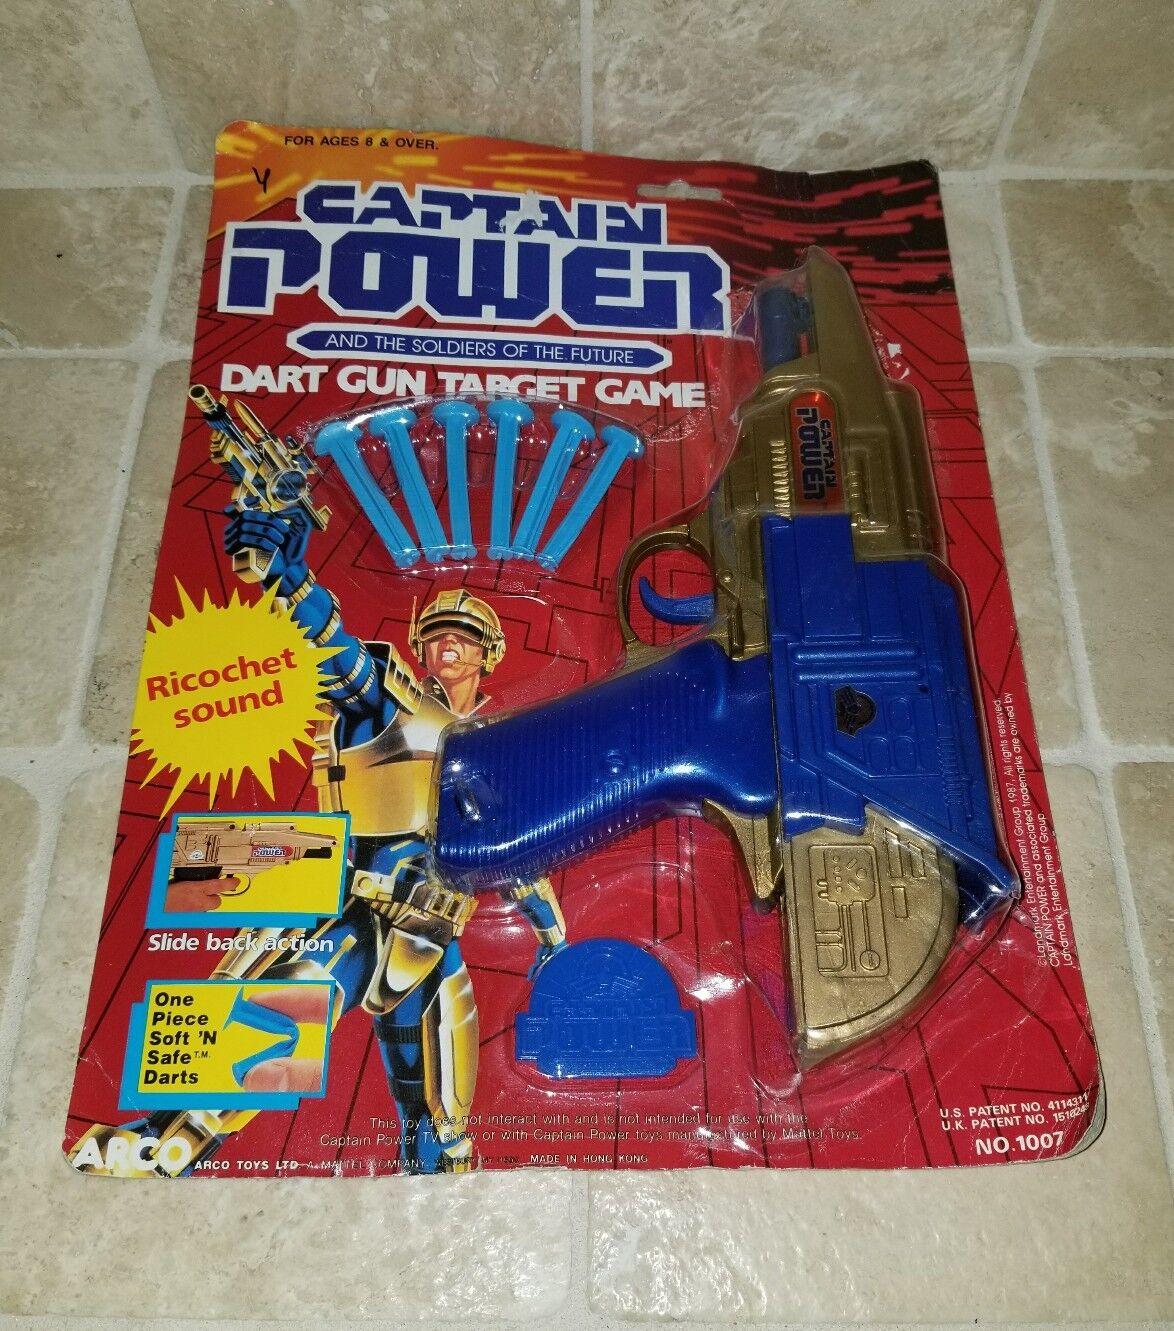 1987 Vintage Original Captain Power  DART GUN TARGET GAME